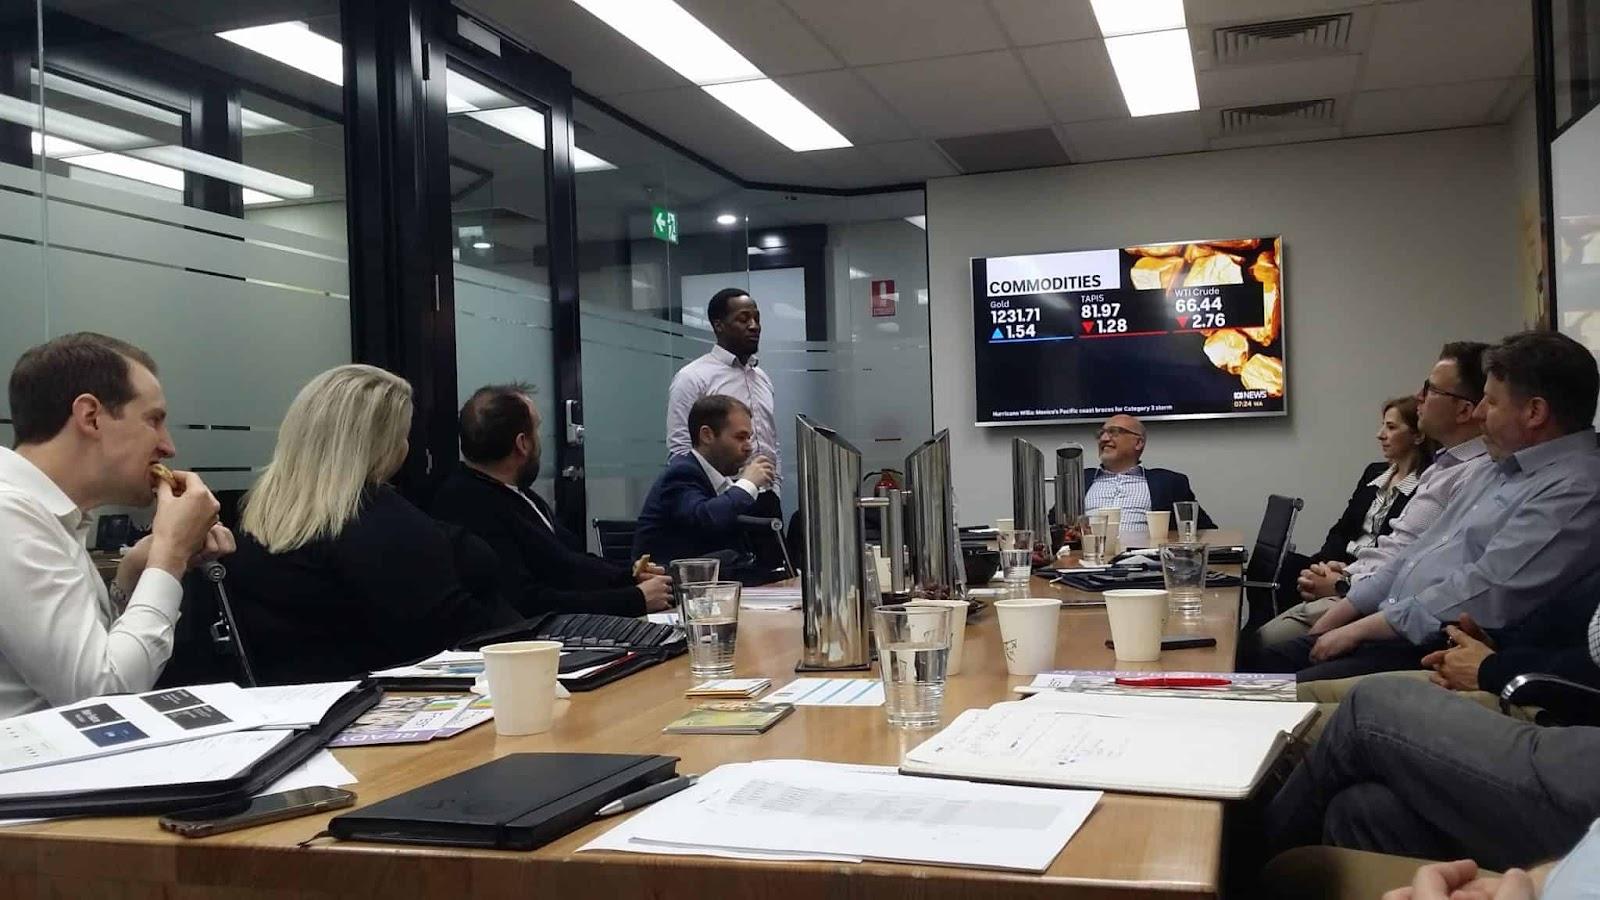 B2B HQ Virtual Offices Meeting Room